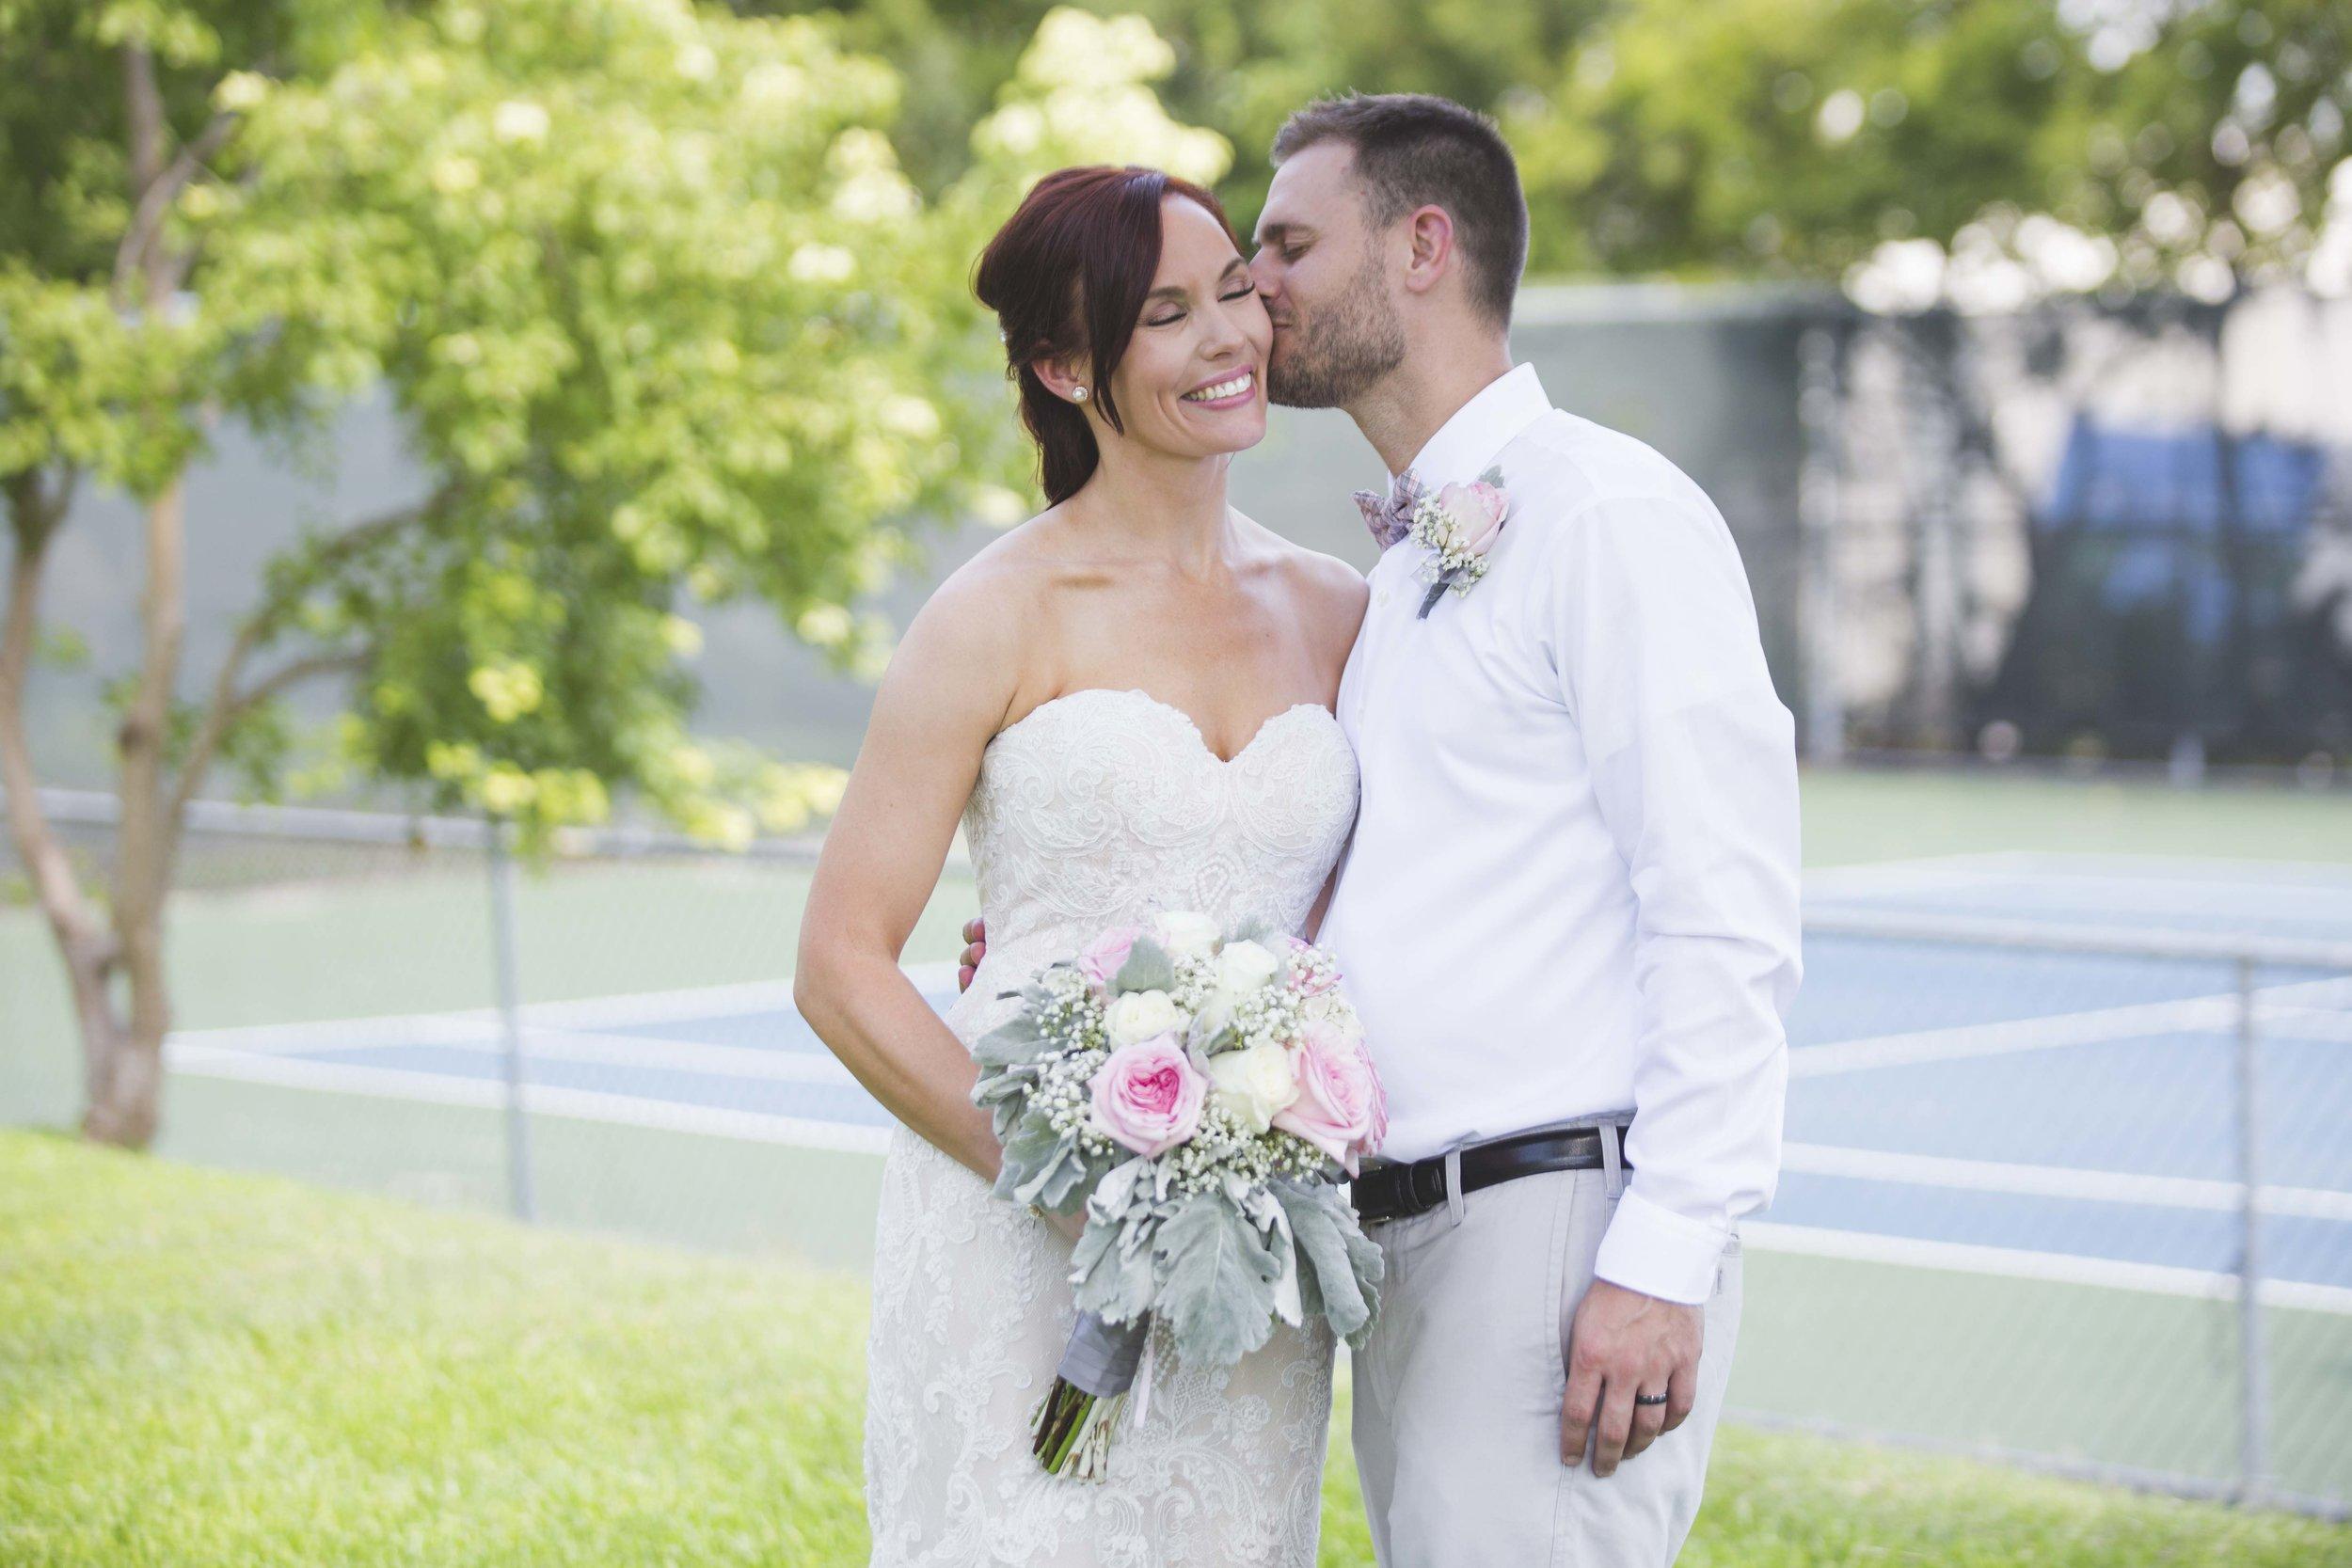 ATGI_Susanna & Matt Wedding_717A7903.jpg